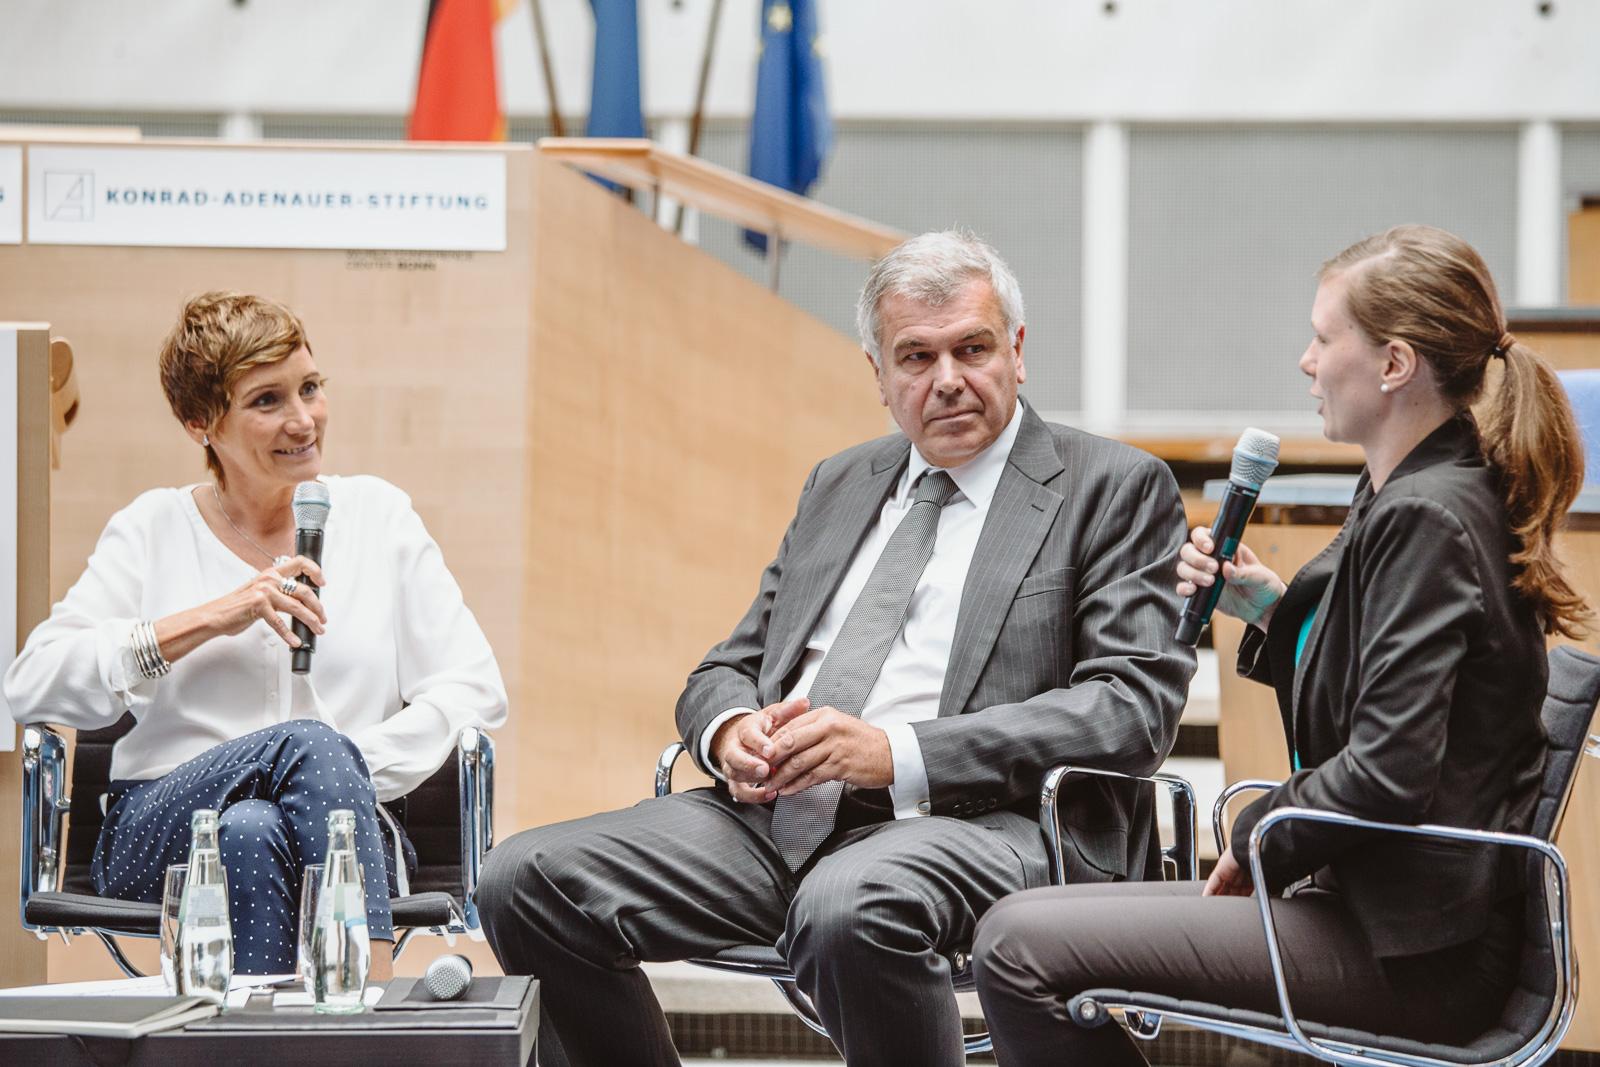 Konferenzfotografie - Disskusion - Wasserwerkgespräch der Konrad-Adenauer-Stifung